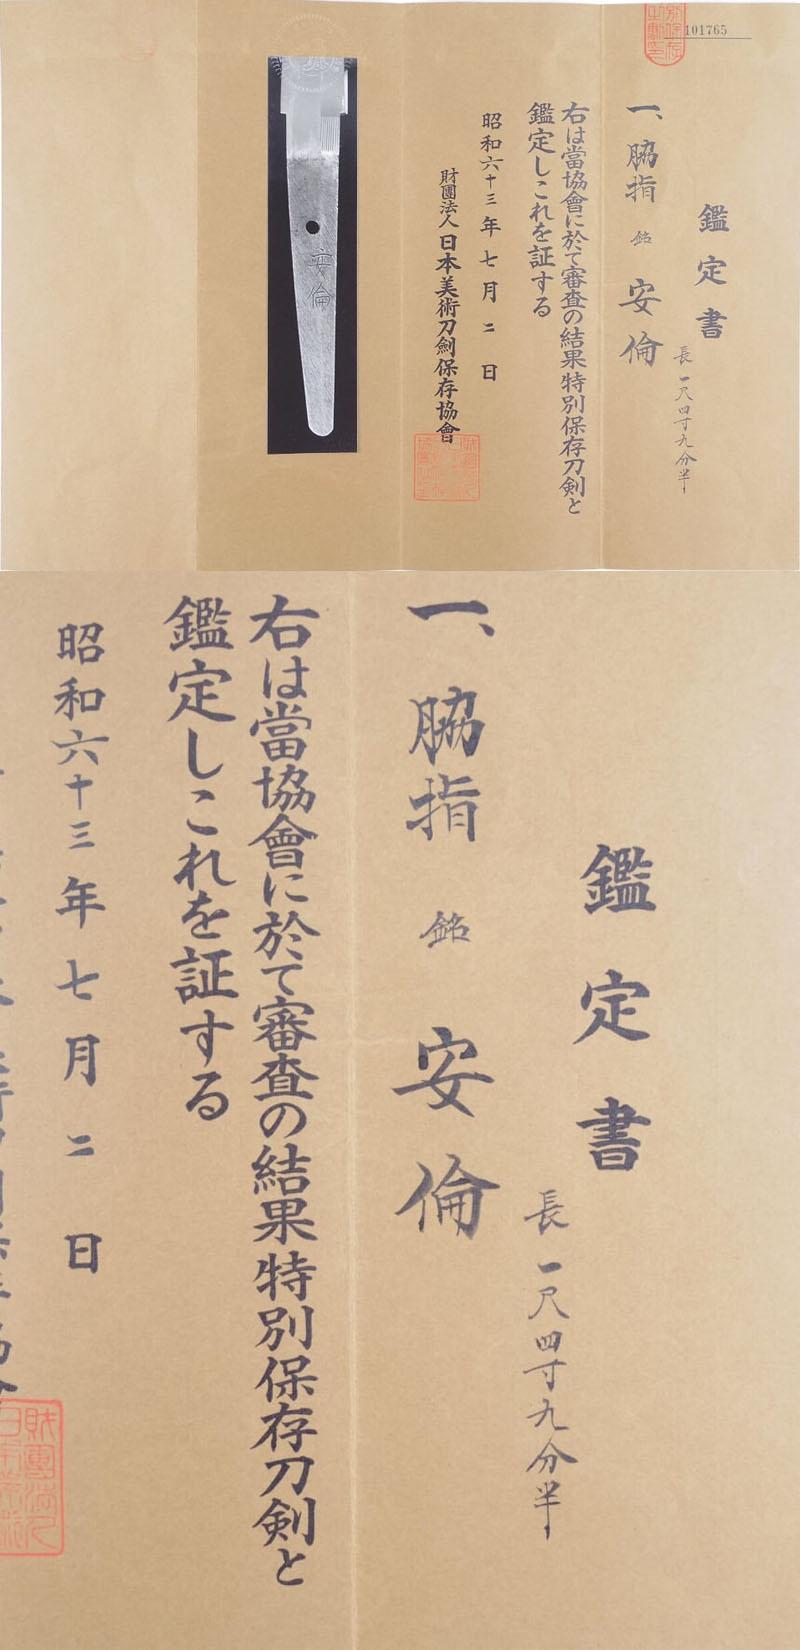 脇差 安倫(仙台) Picture of Certificate